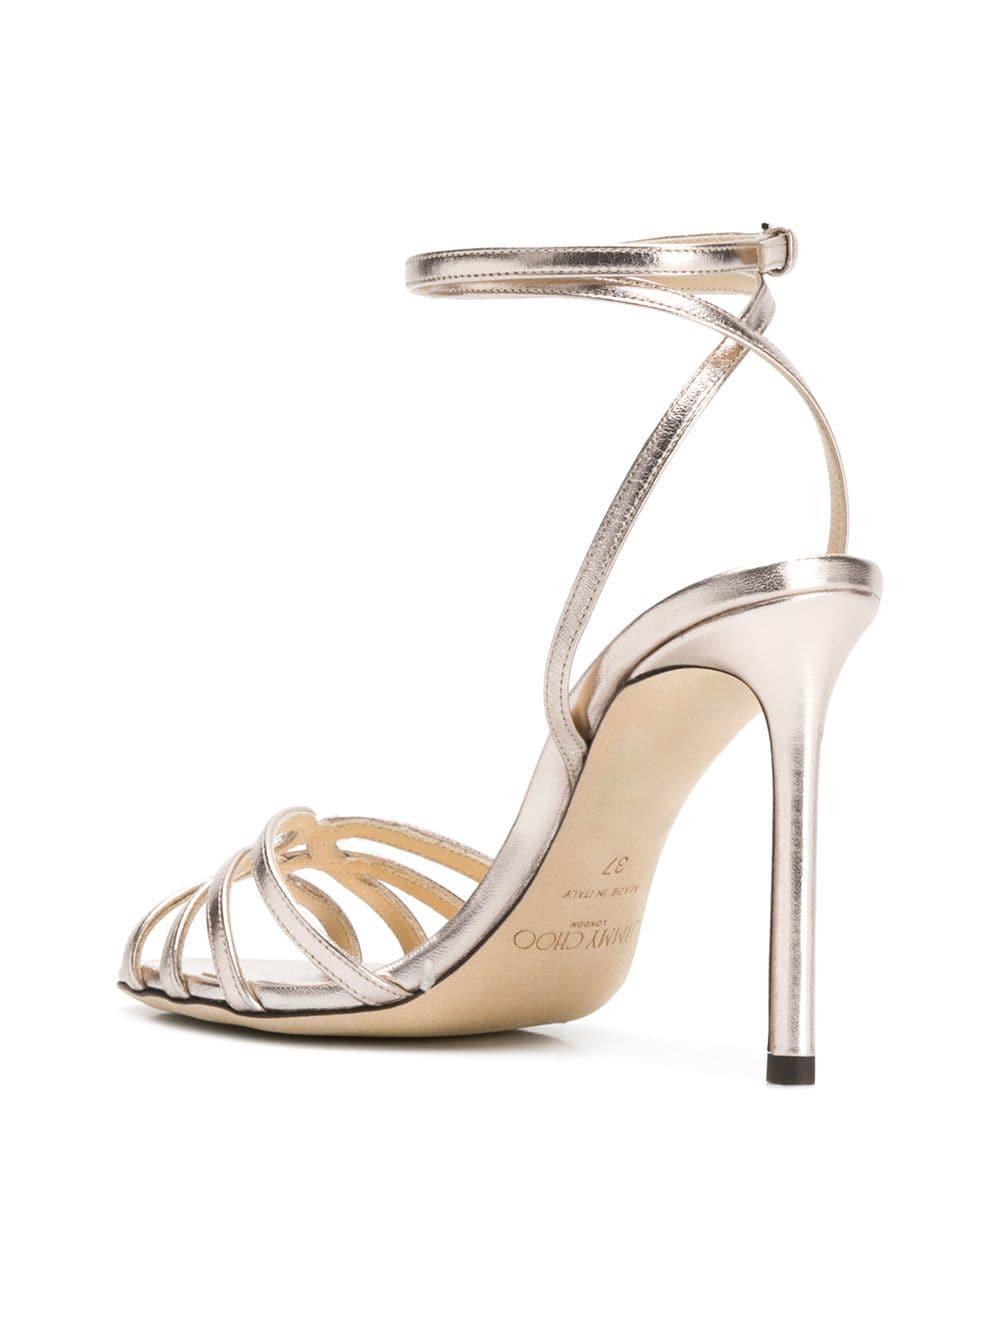 90db78c8187f Platinum MIMI 100 Sandals - JIMMY CHOO - Russocapri